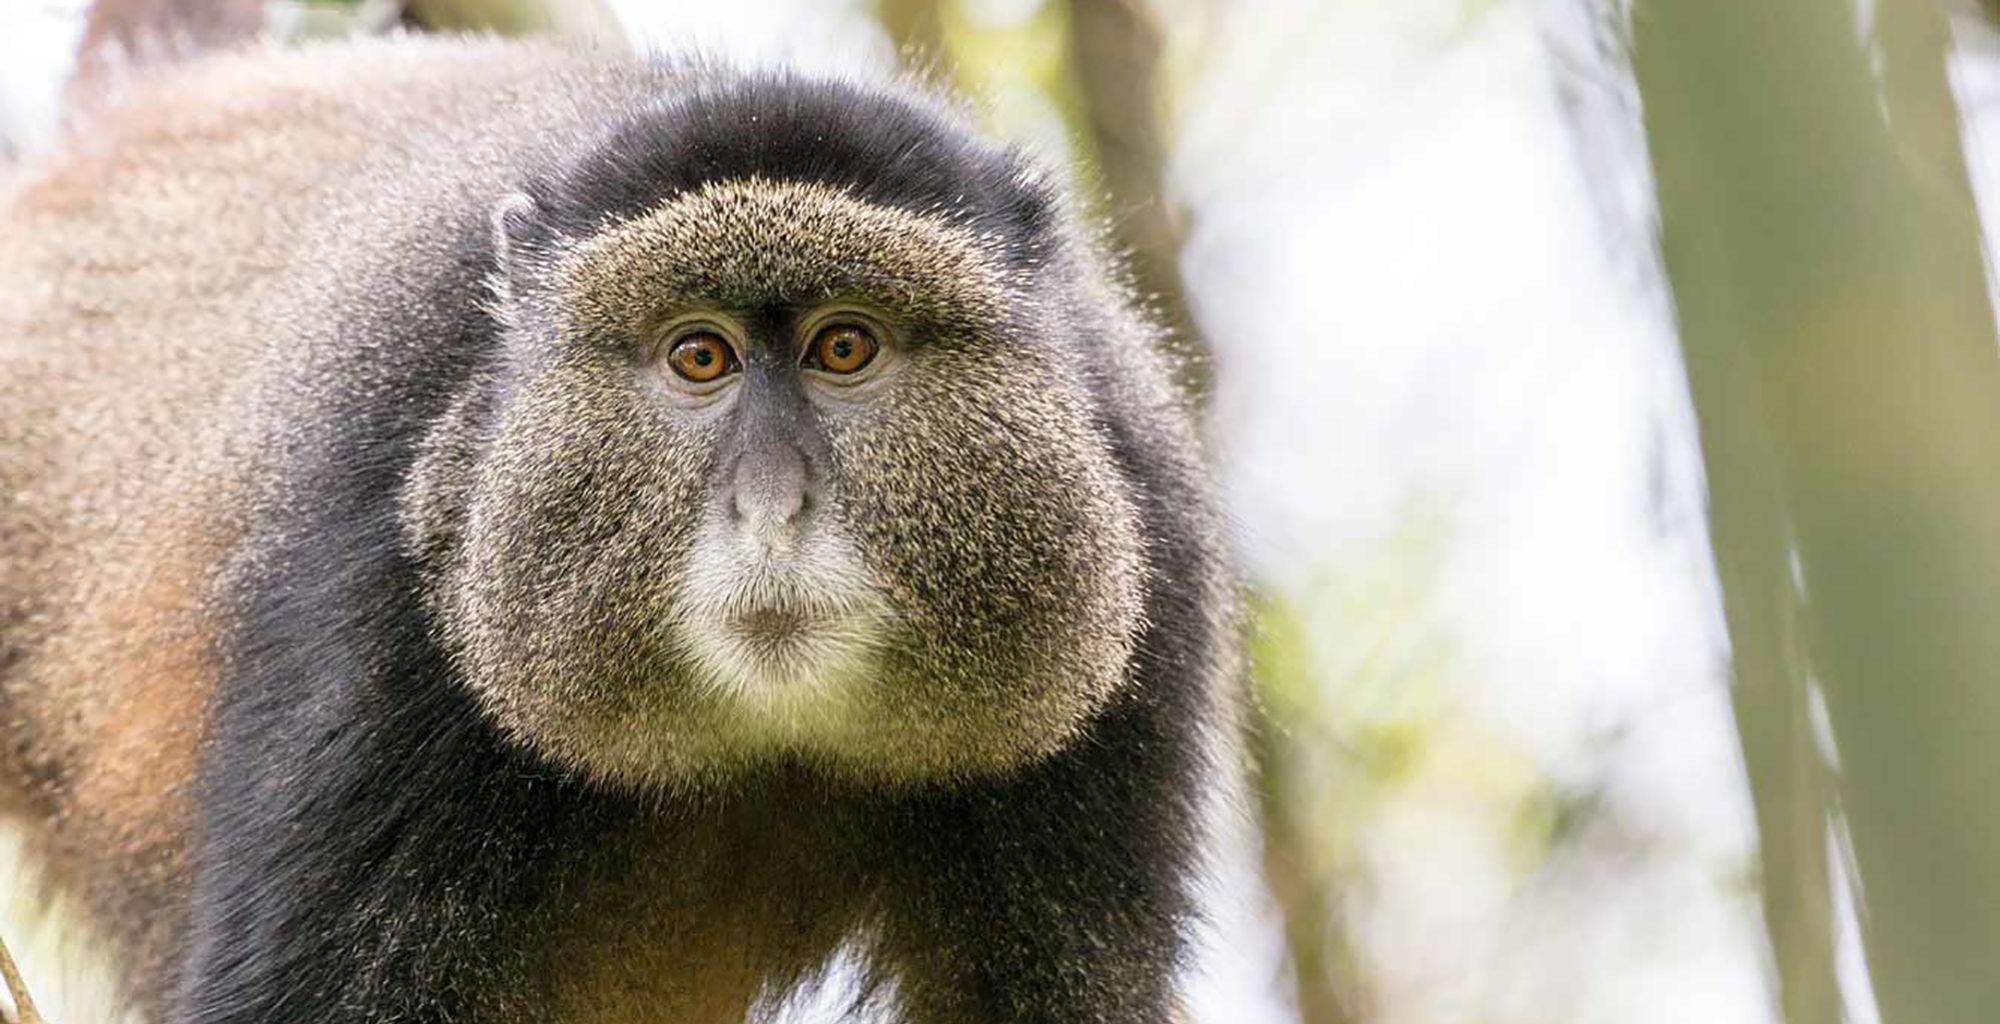 Uganda-Mount-Gahinga-Golden-Monkey